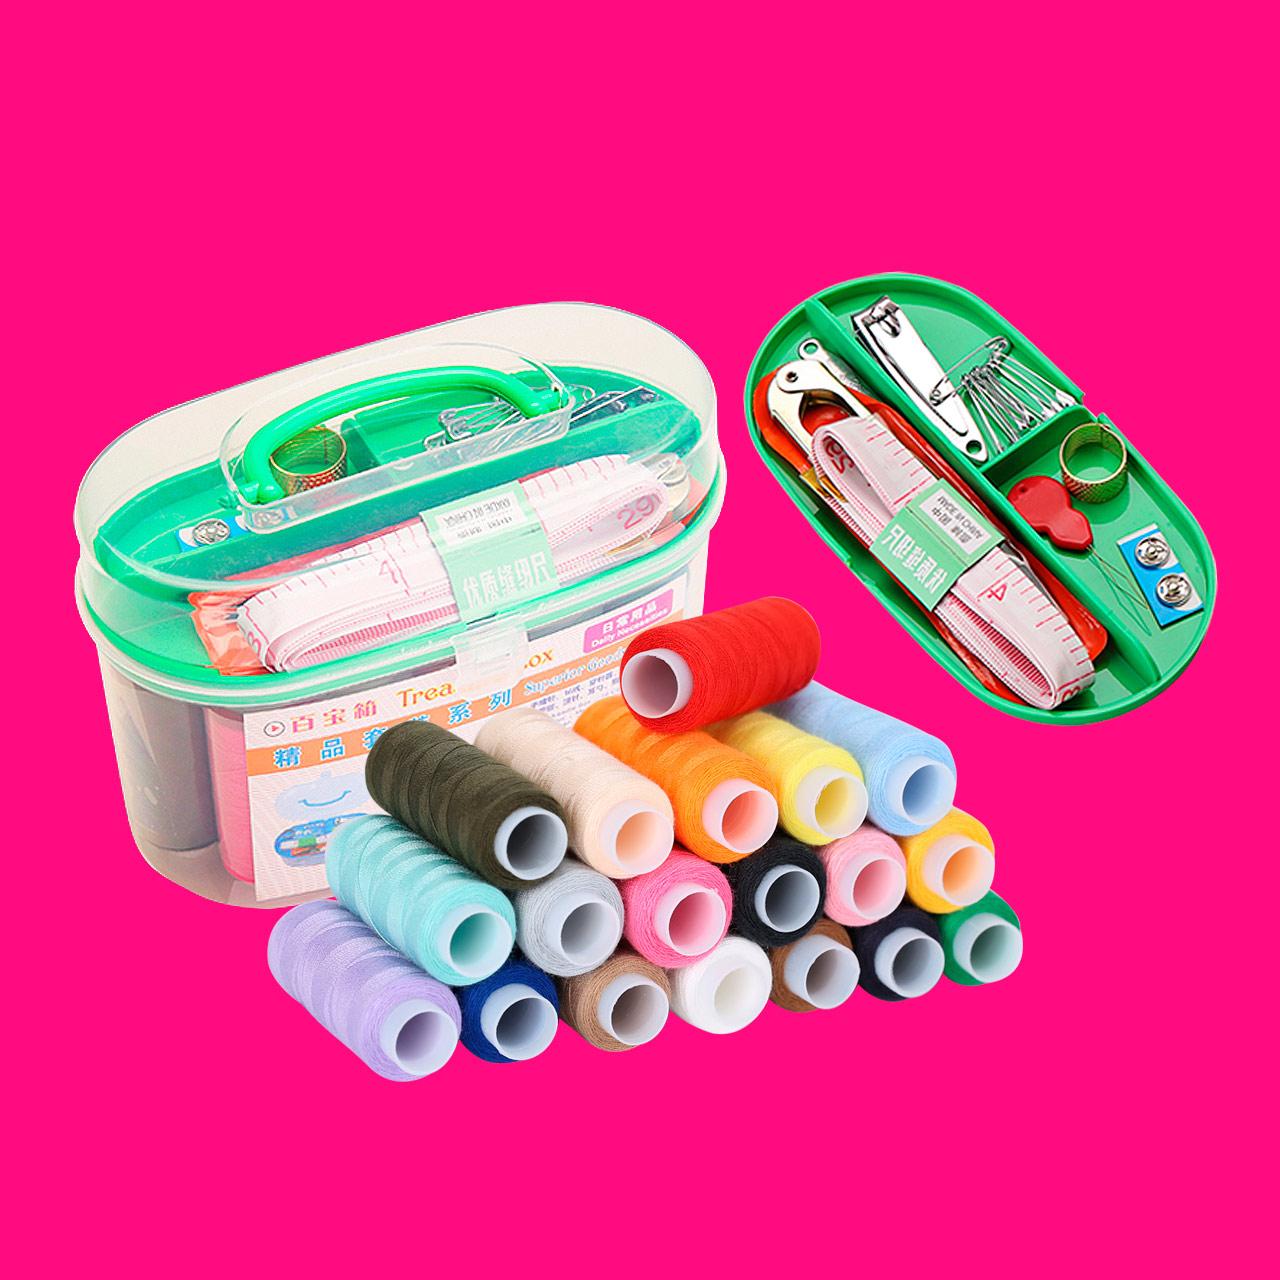 19 цвет линии портативный рукоделие набор шить линия домой дары когда выбранный купить подарок десять вес монтаж